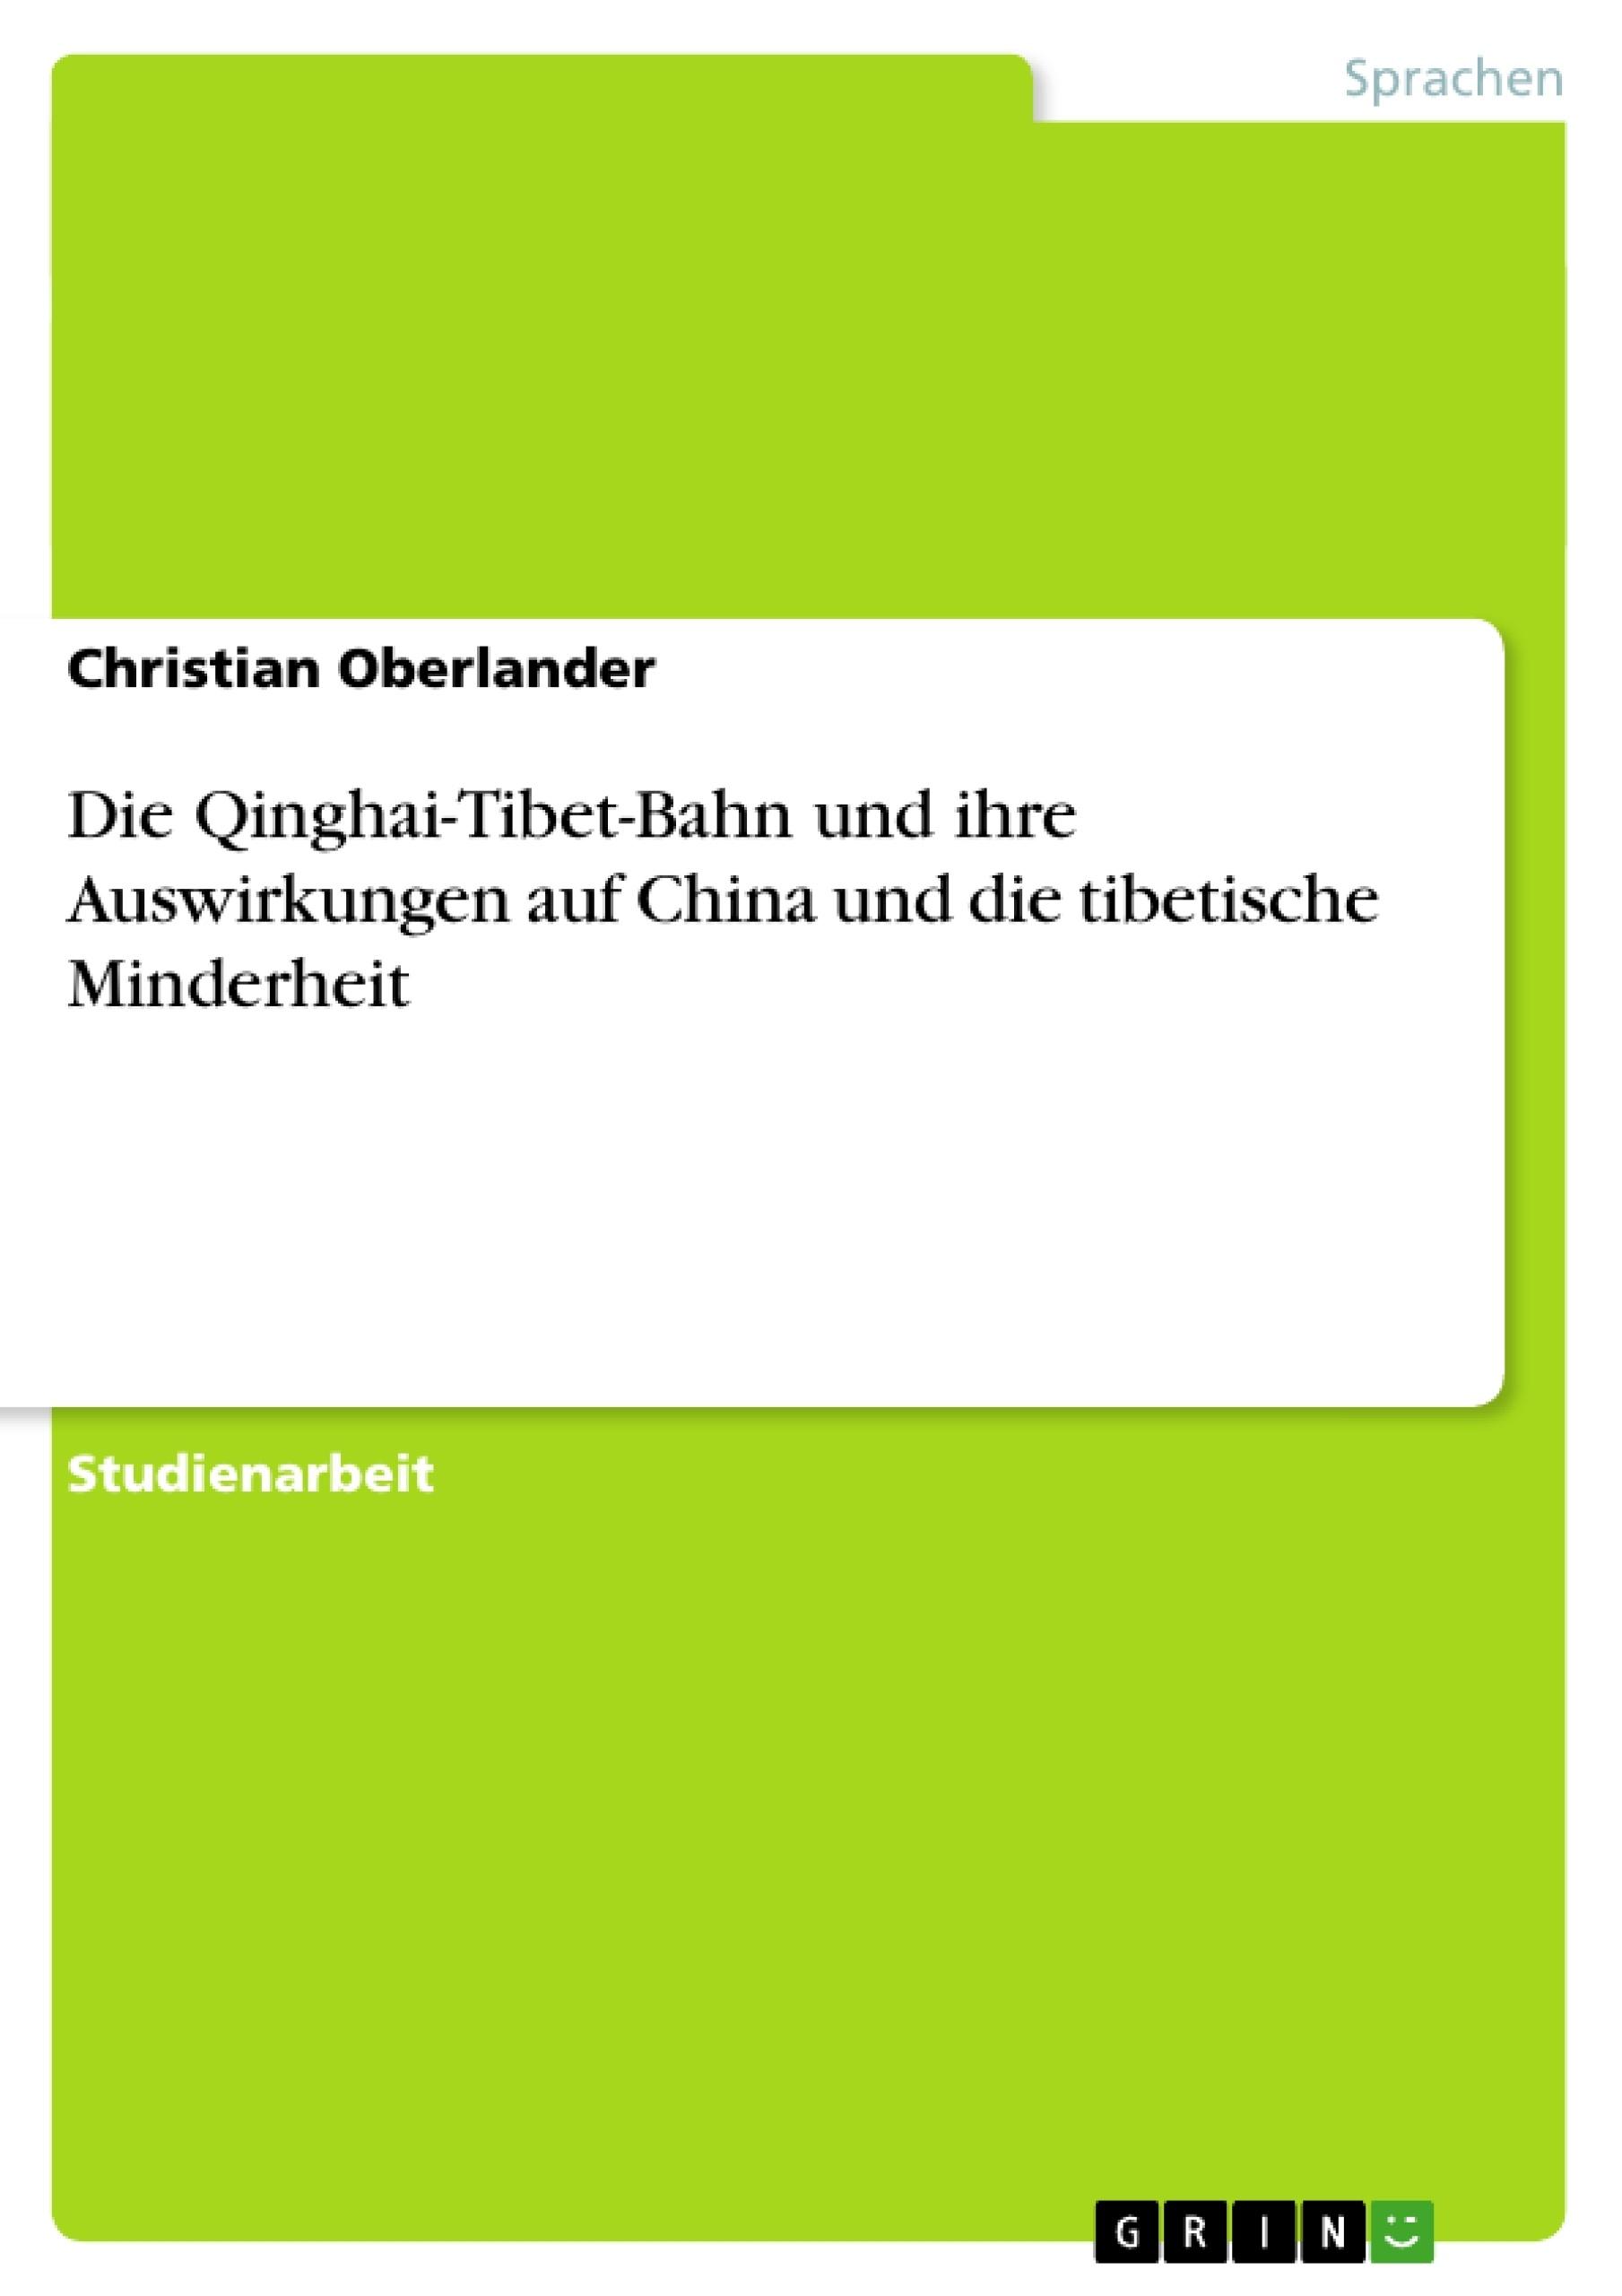 Titel: Die Qinghai-Tibet-Bahn und ihre Auswirkungen auf China und die tibetische Minderheit